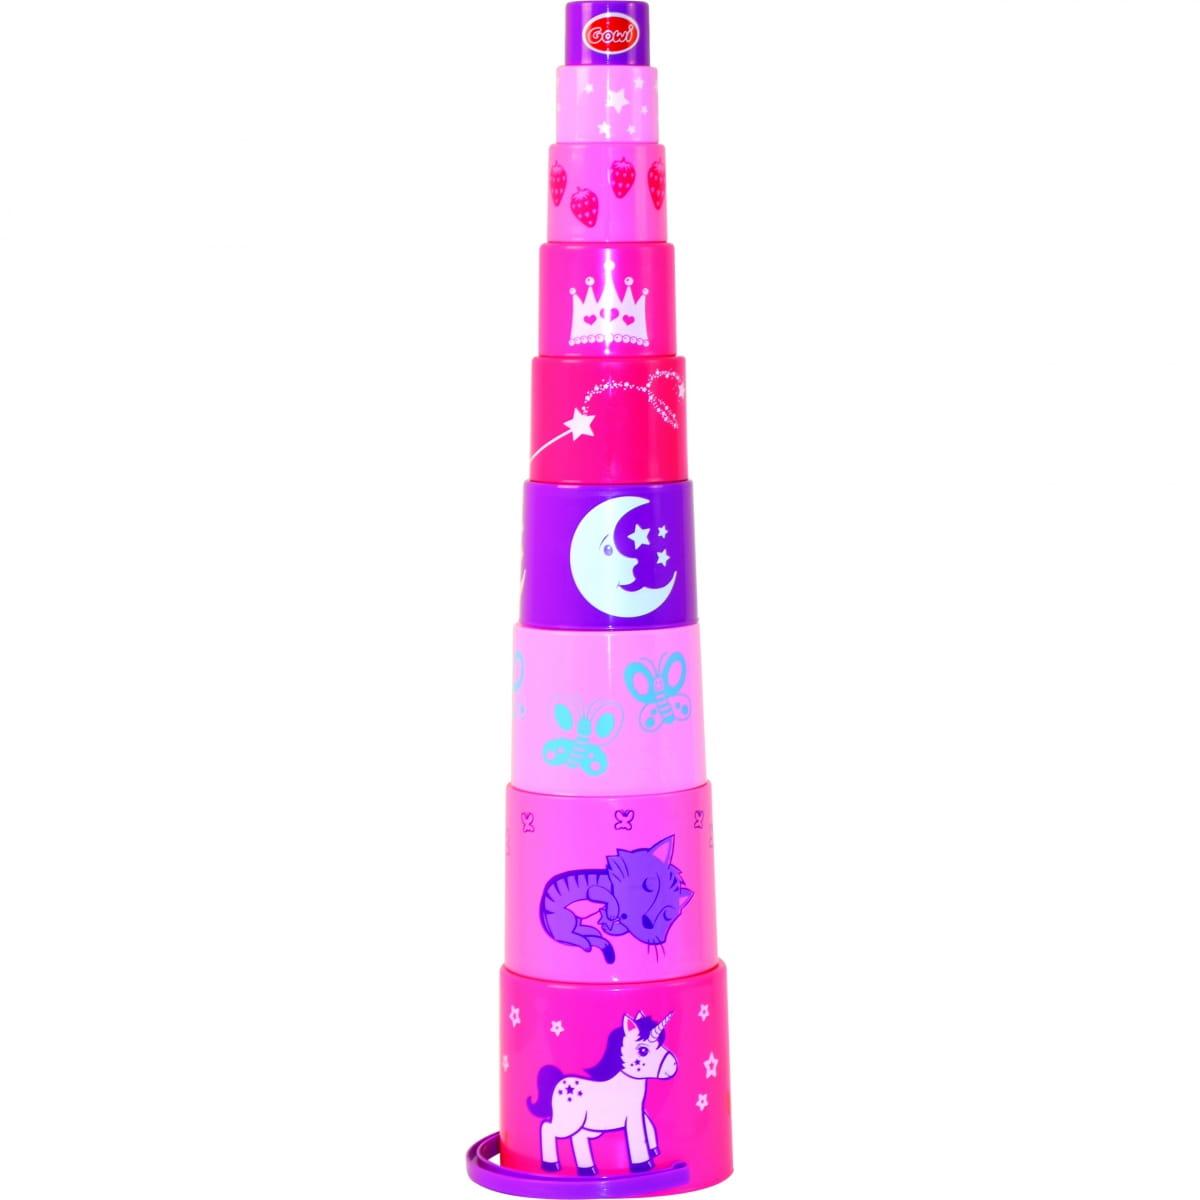 Пирамидка GOWI  9 предметов (розовая) - Развивающие центры и игрушки